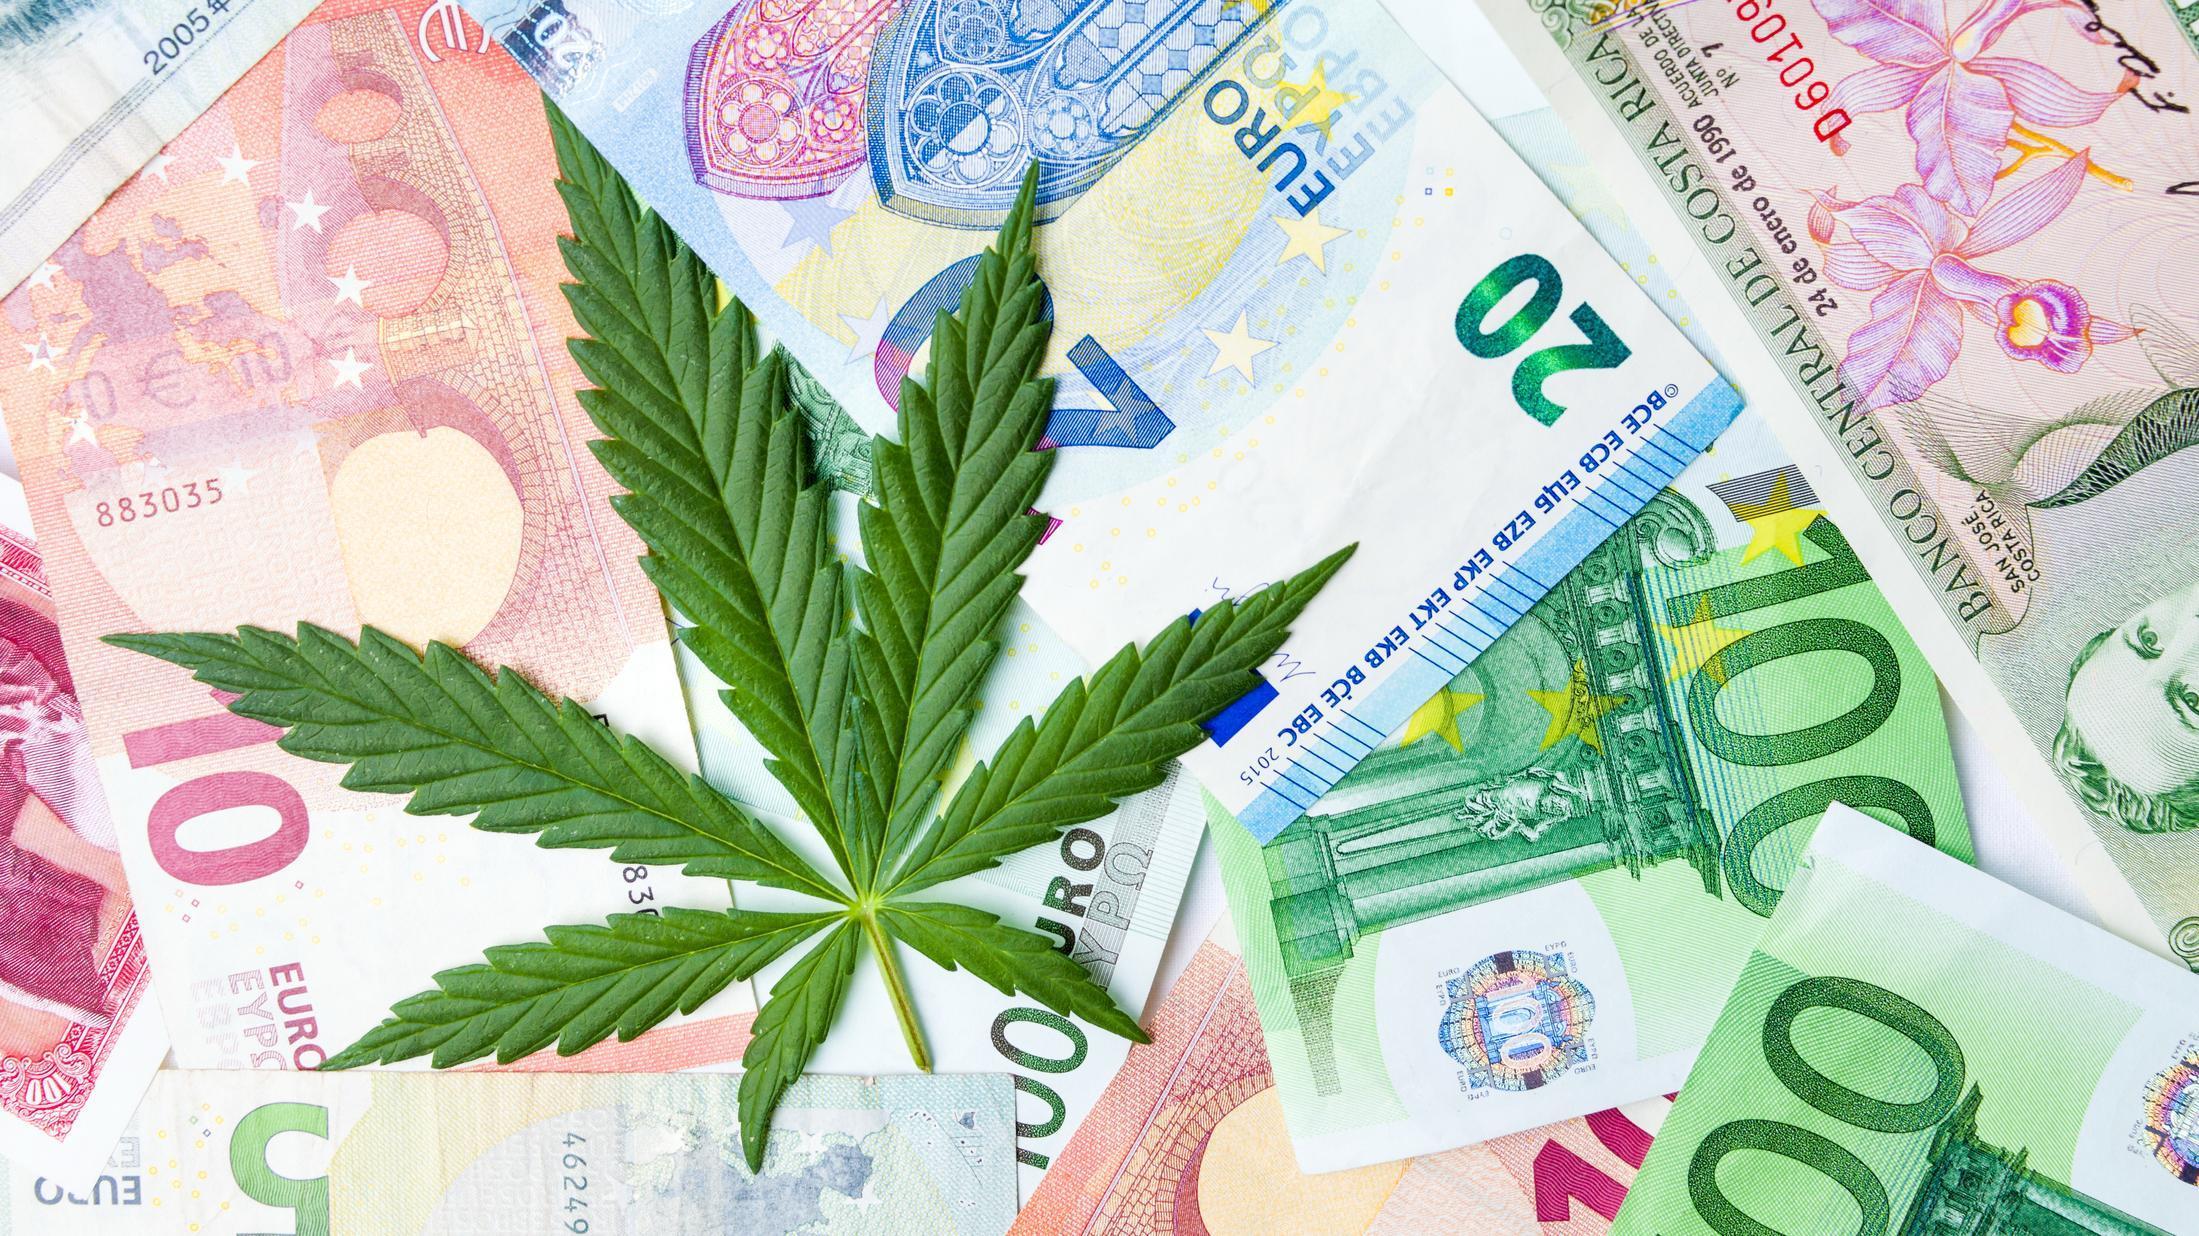 Une feuille de cannabis et de l'argent papier